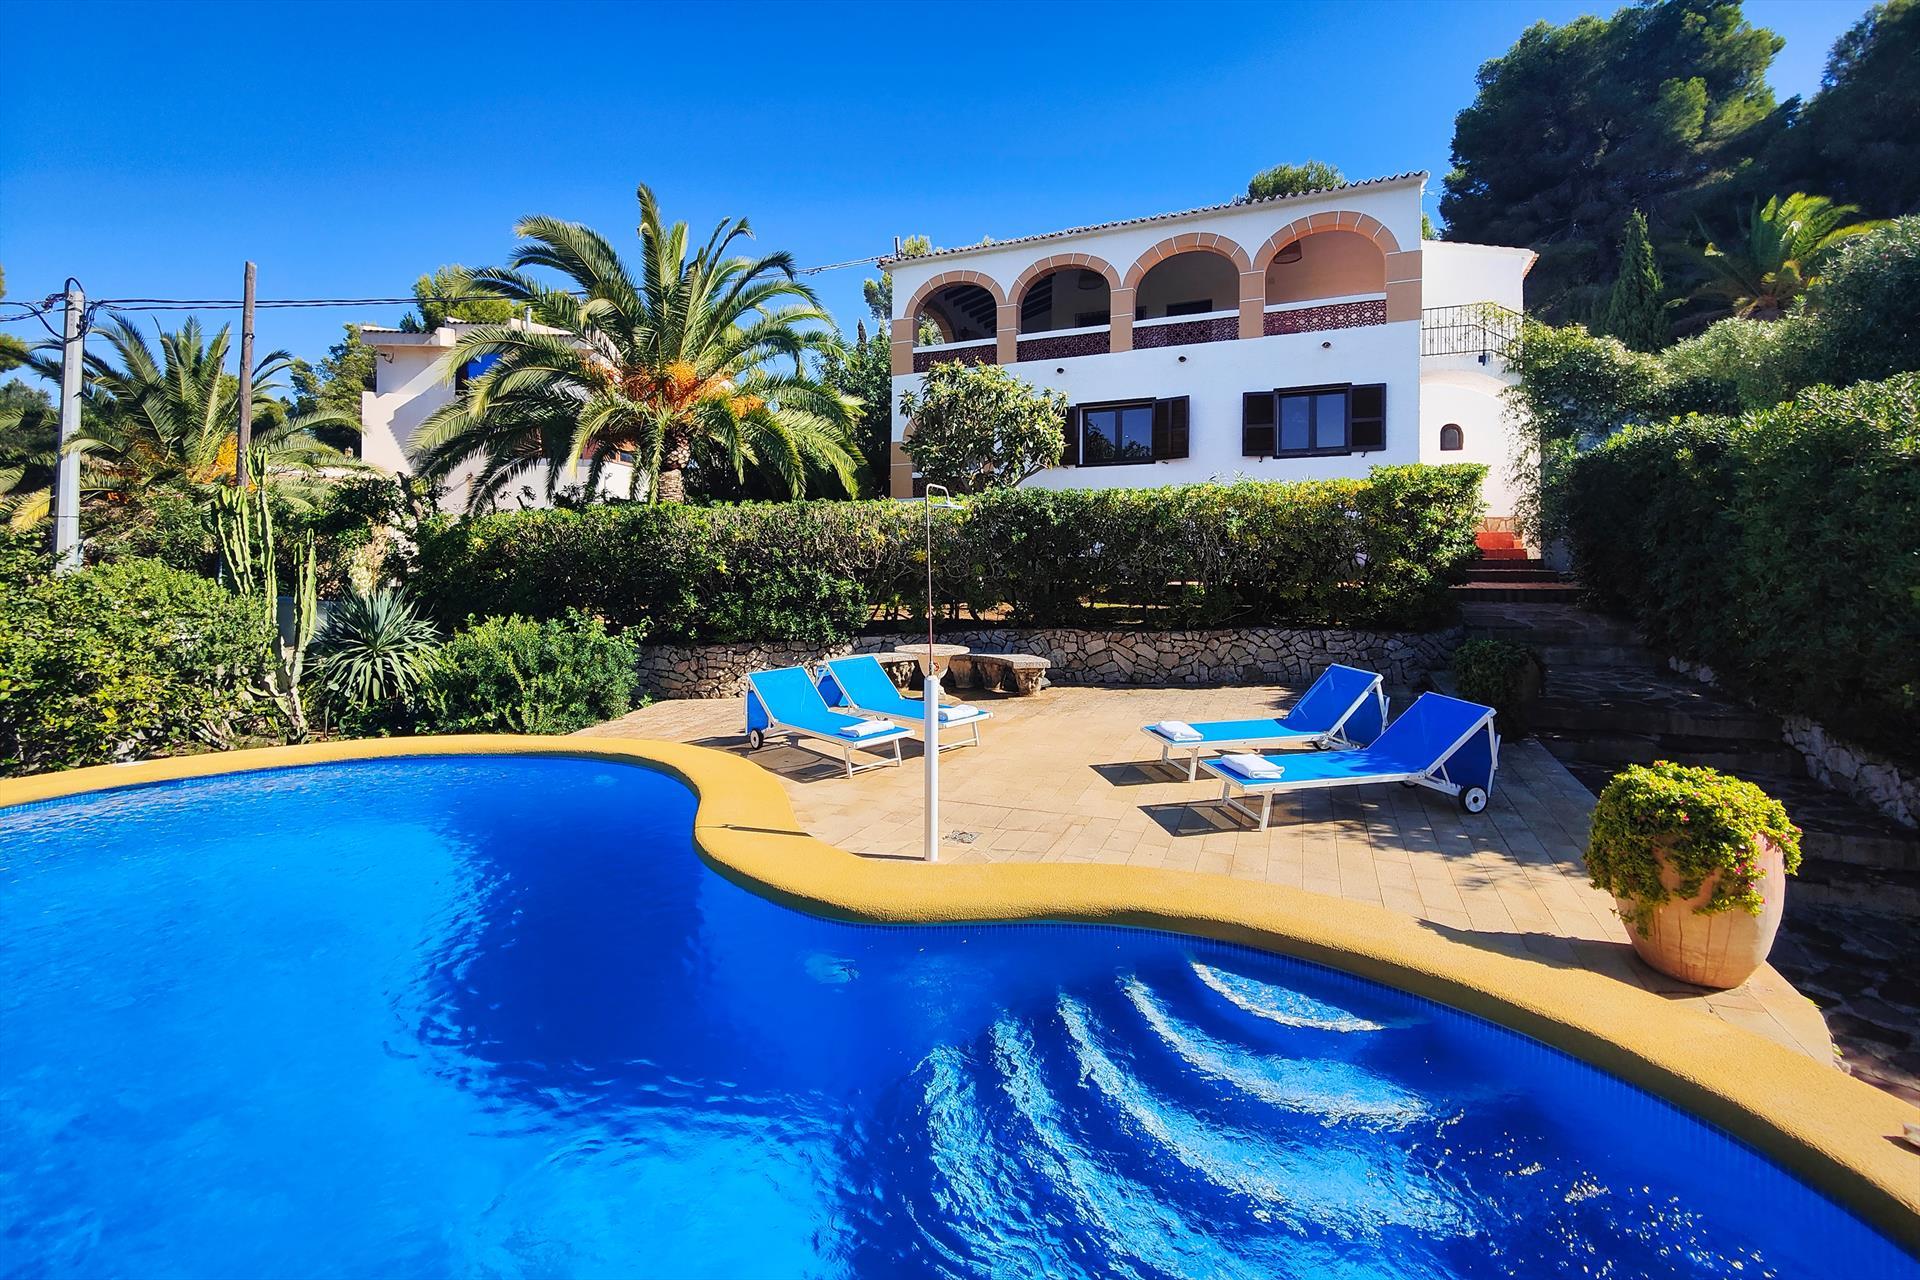 Villa Marta Denia,Rustikale und klassische Villa mit privatem Pool in Denia, an der Costa Blanca, Spanien für 6-7 Personen. Das Haus.....